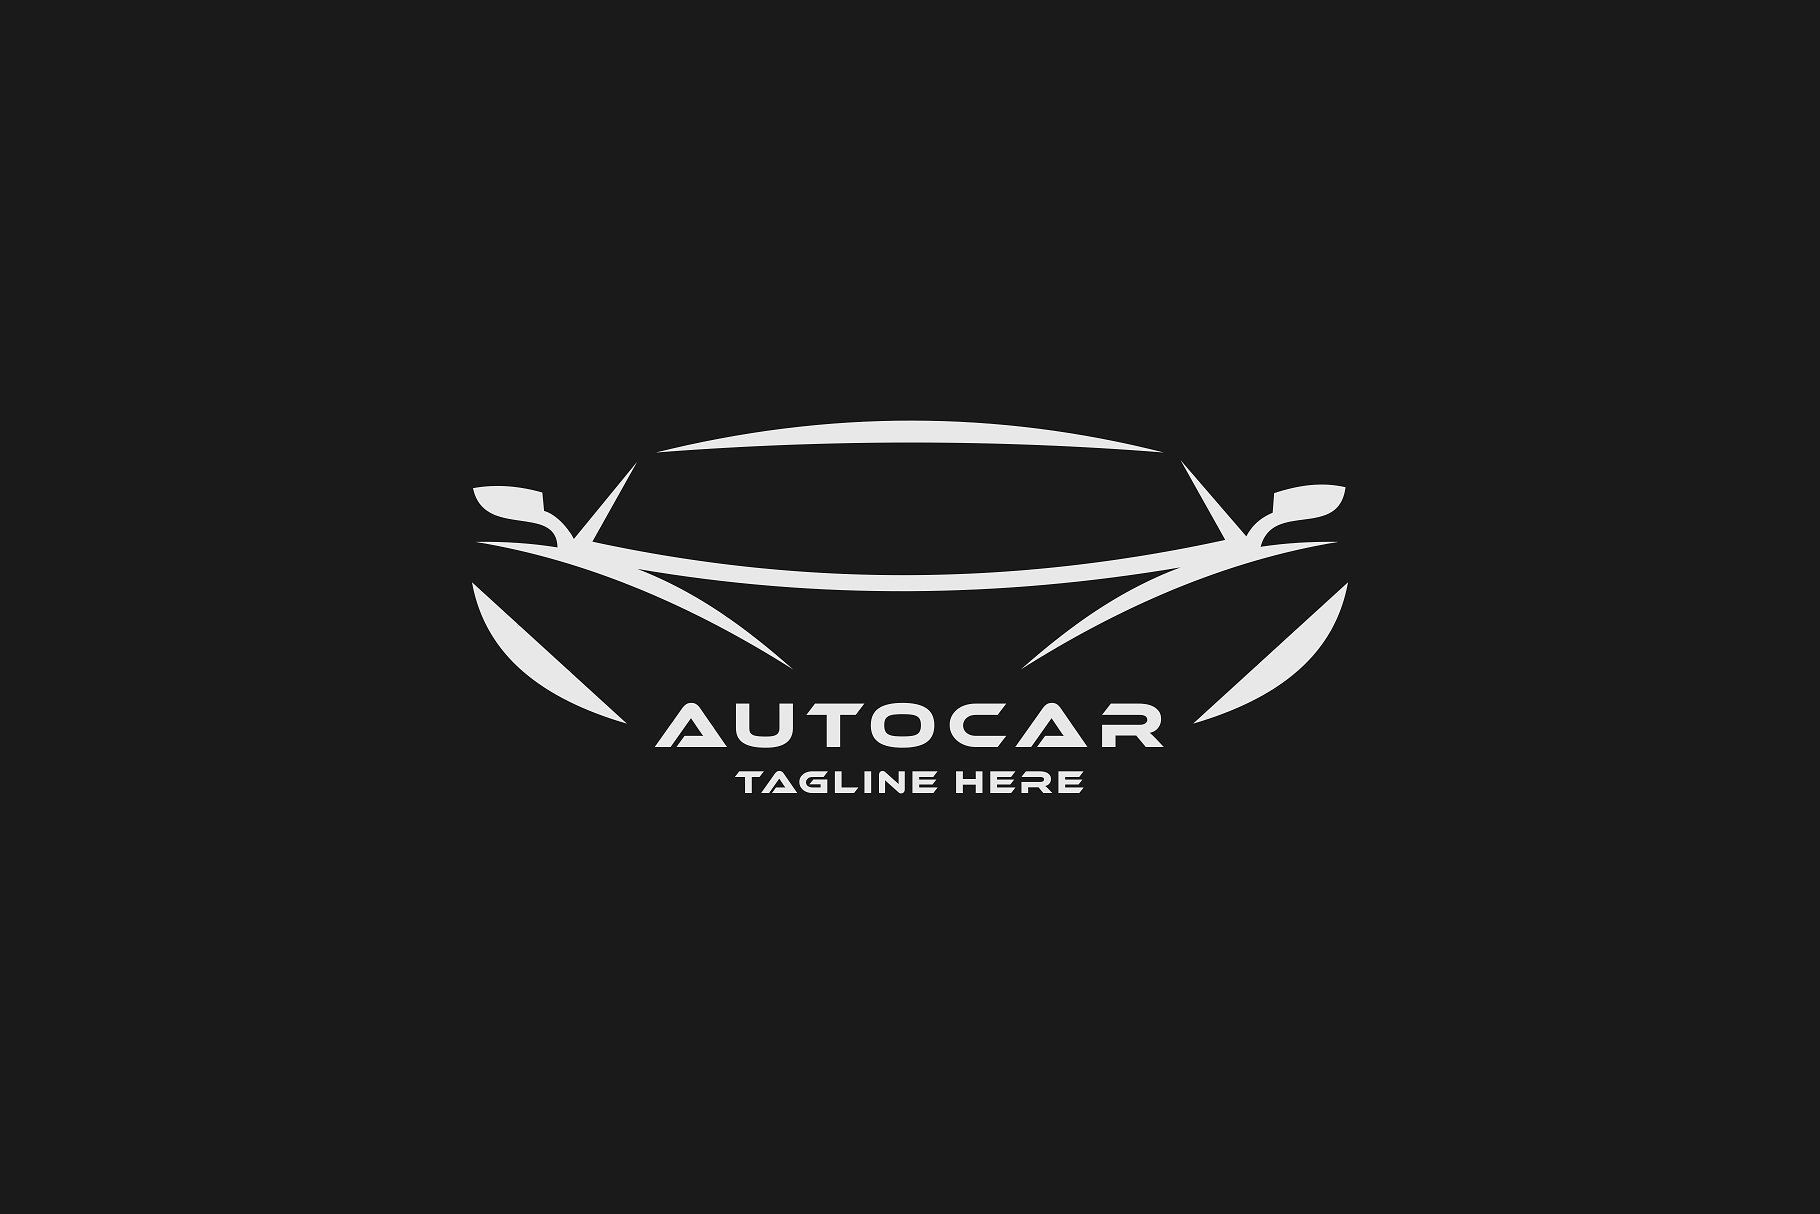 Auto Car Logo Design Logo Car Design Branding Automobile Illustration Lavagem De Carro Ideias Para Barbearias Ideias De Logomarca